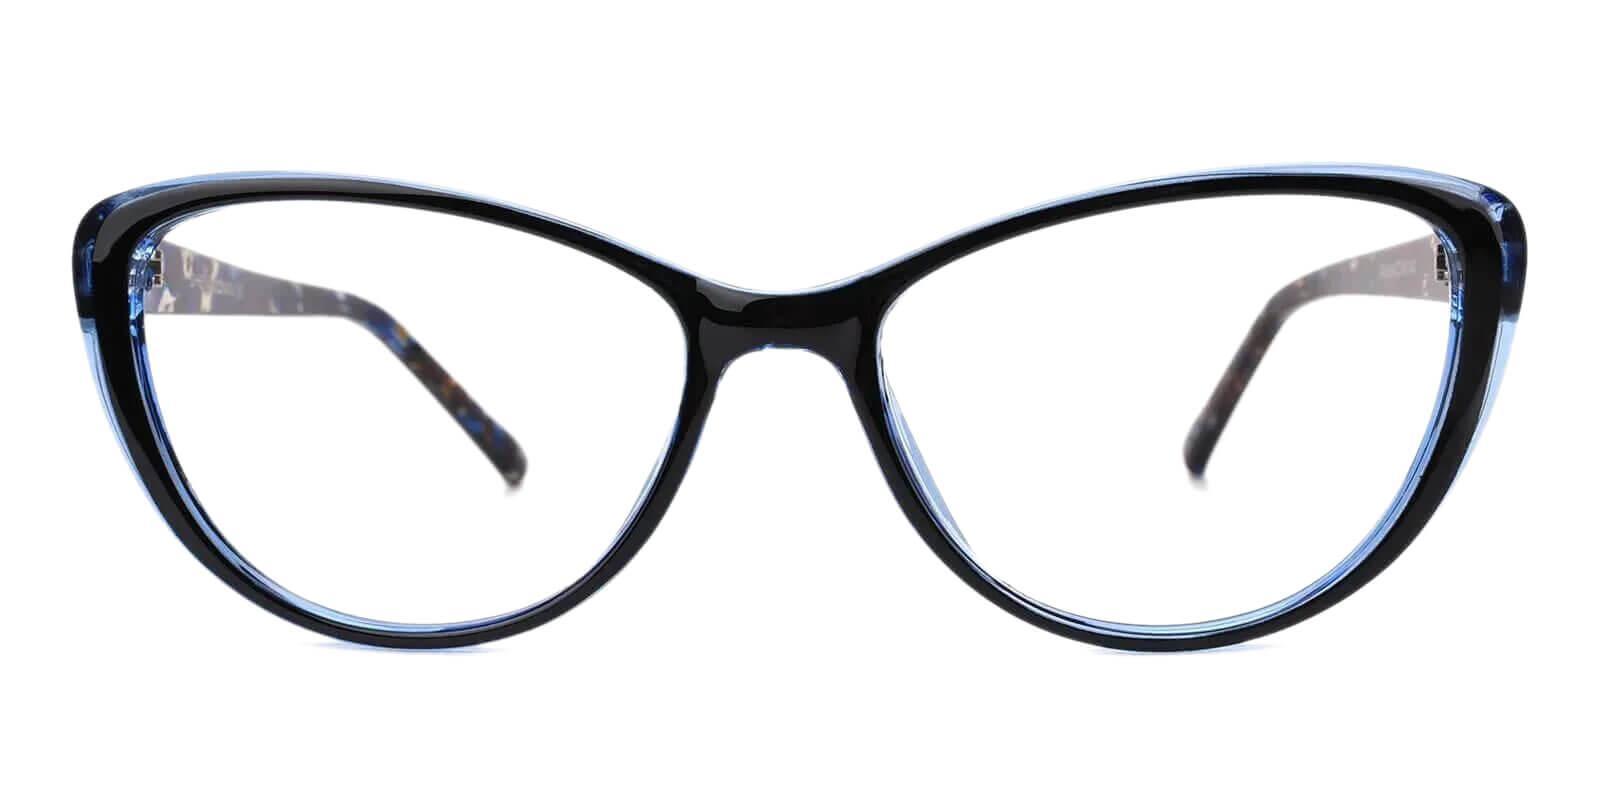 Olga Blue Plastic Eyeglasses Frames from ABBE Glasses